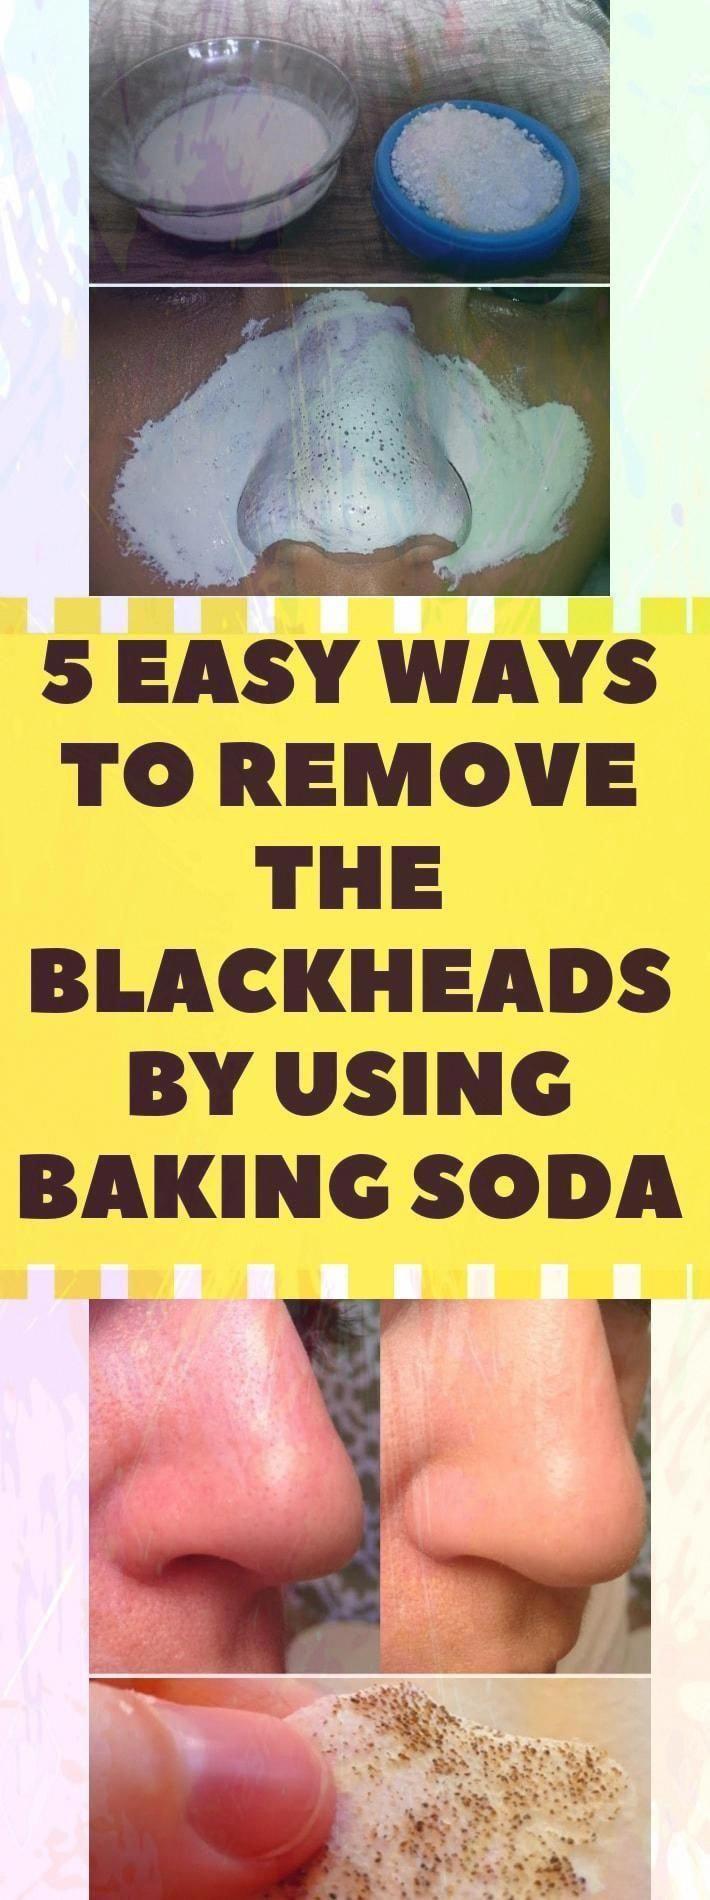 5 Easy Ways to Remove #blackheads With Baking Soda - Ideal Shape Body#health #fitness #healthandfitn...